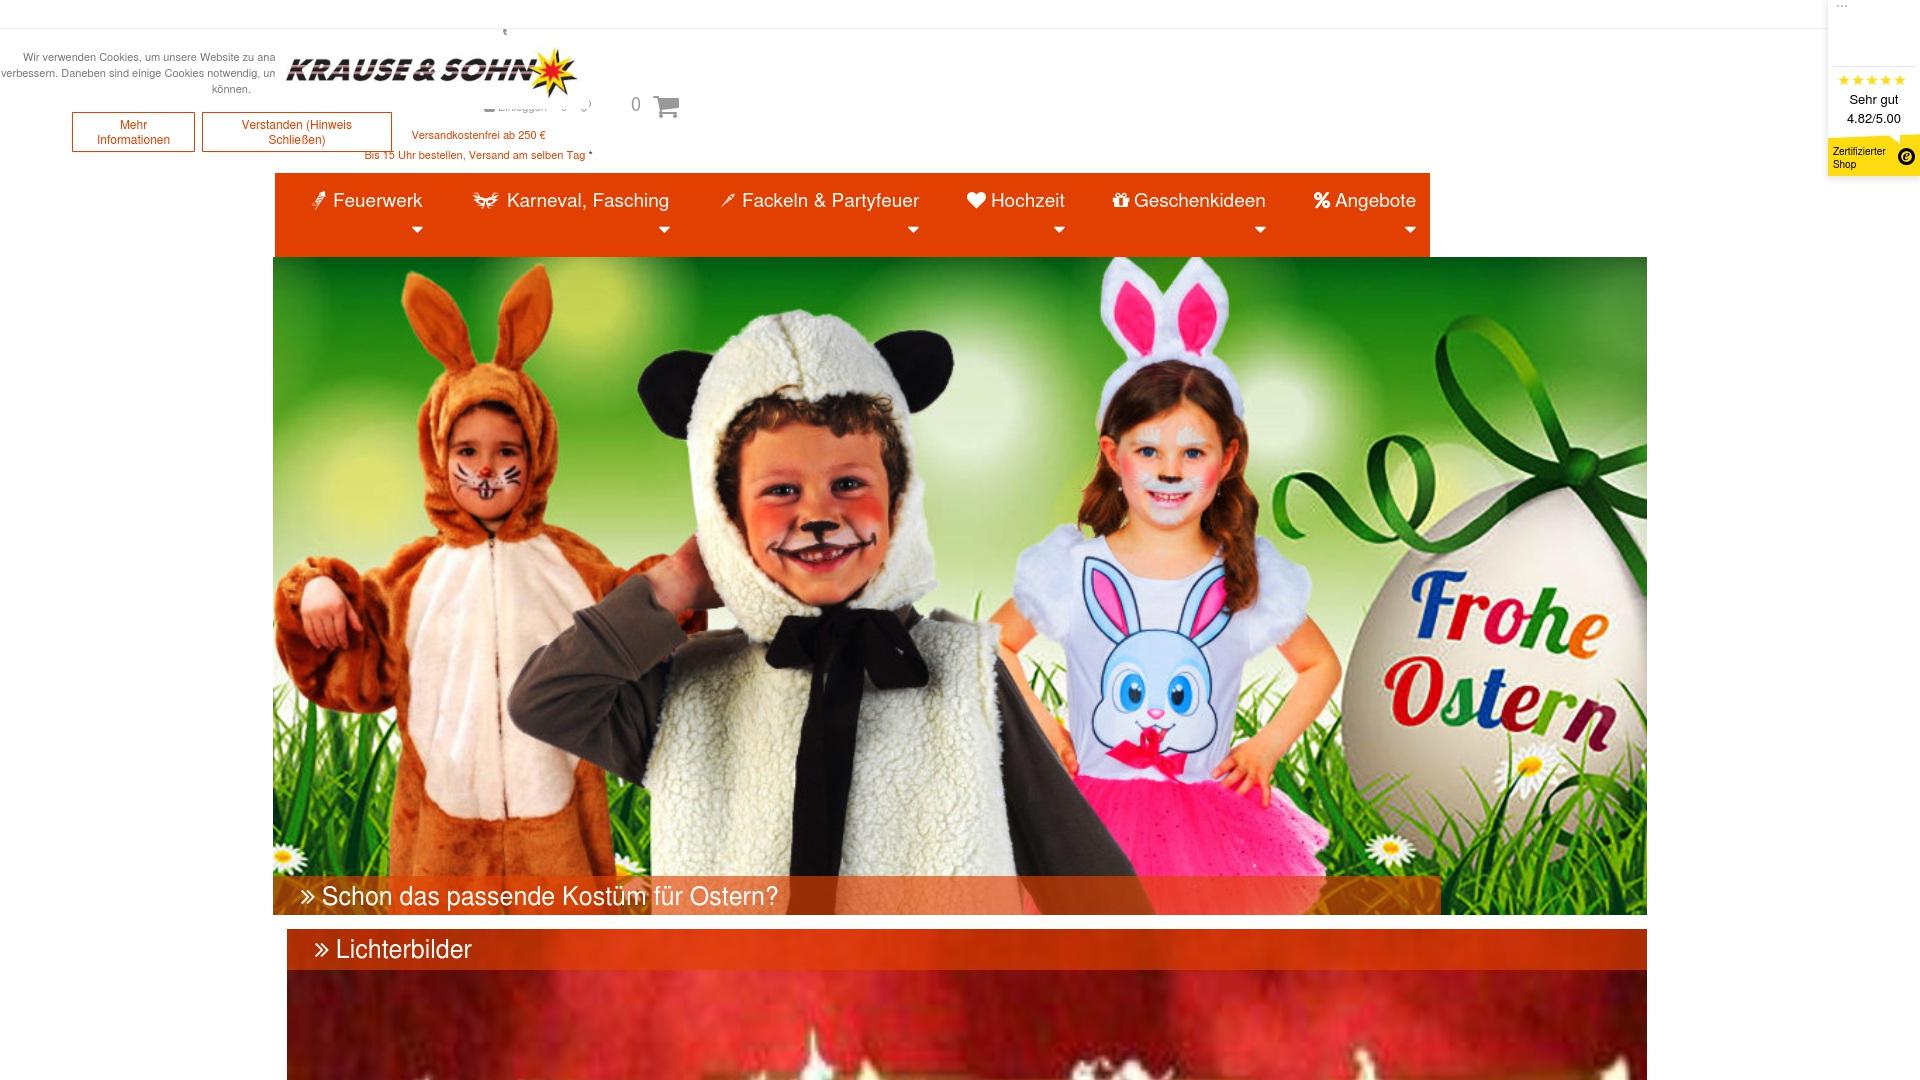 Gutschein für Karneval-feuerwerk: Rabatte für  Karneval-feuerwerk sichern